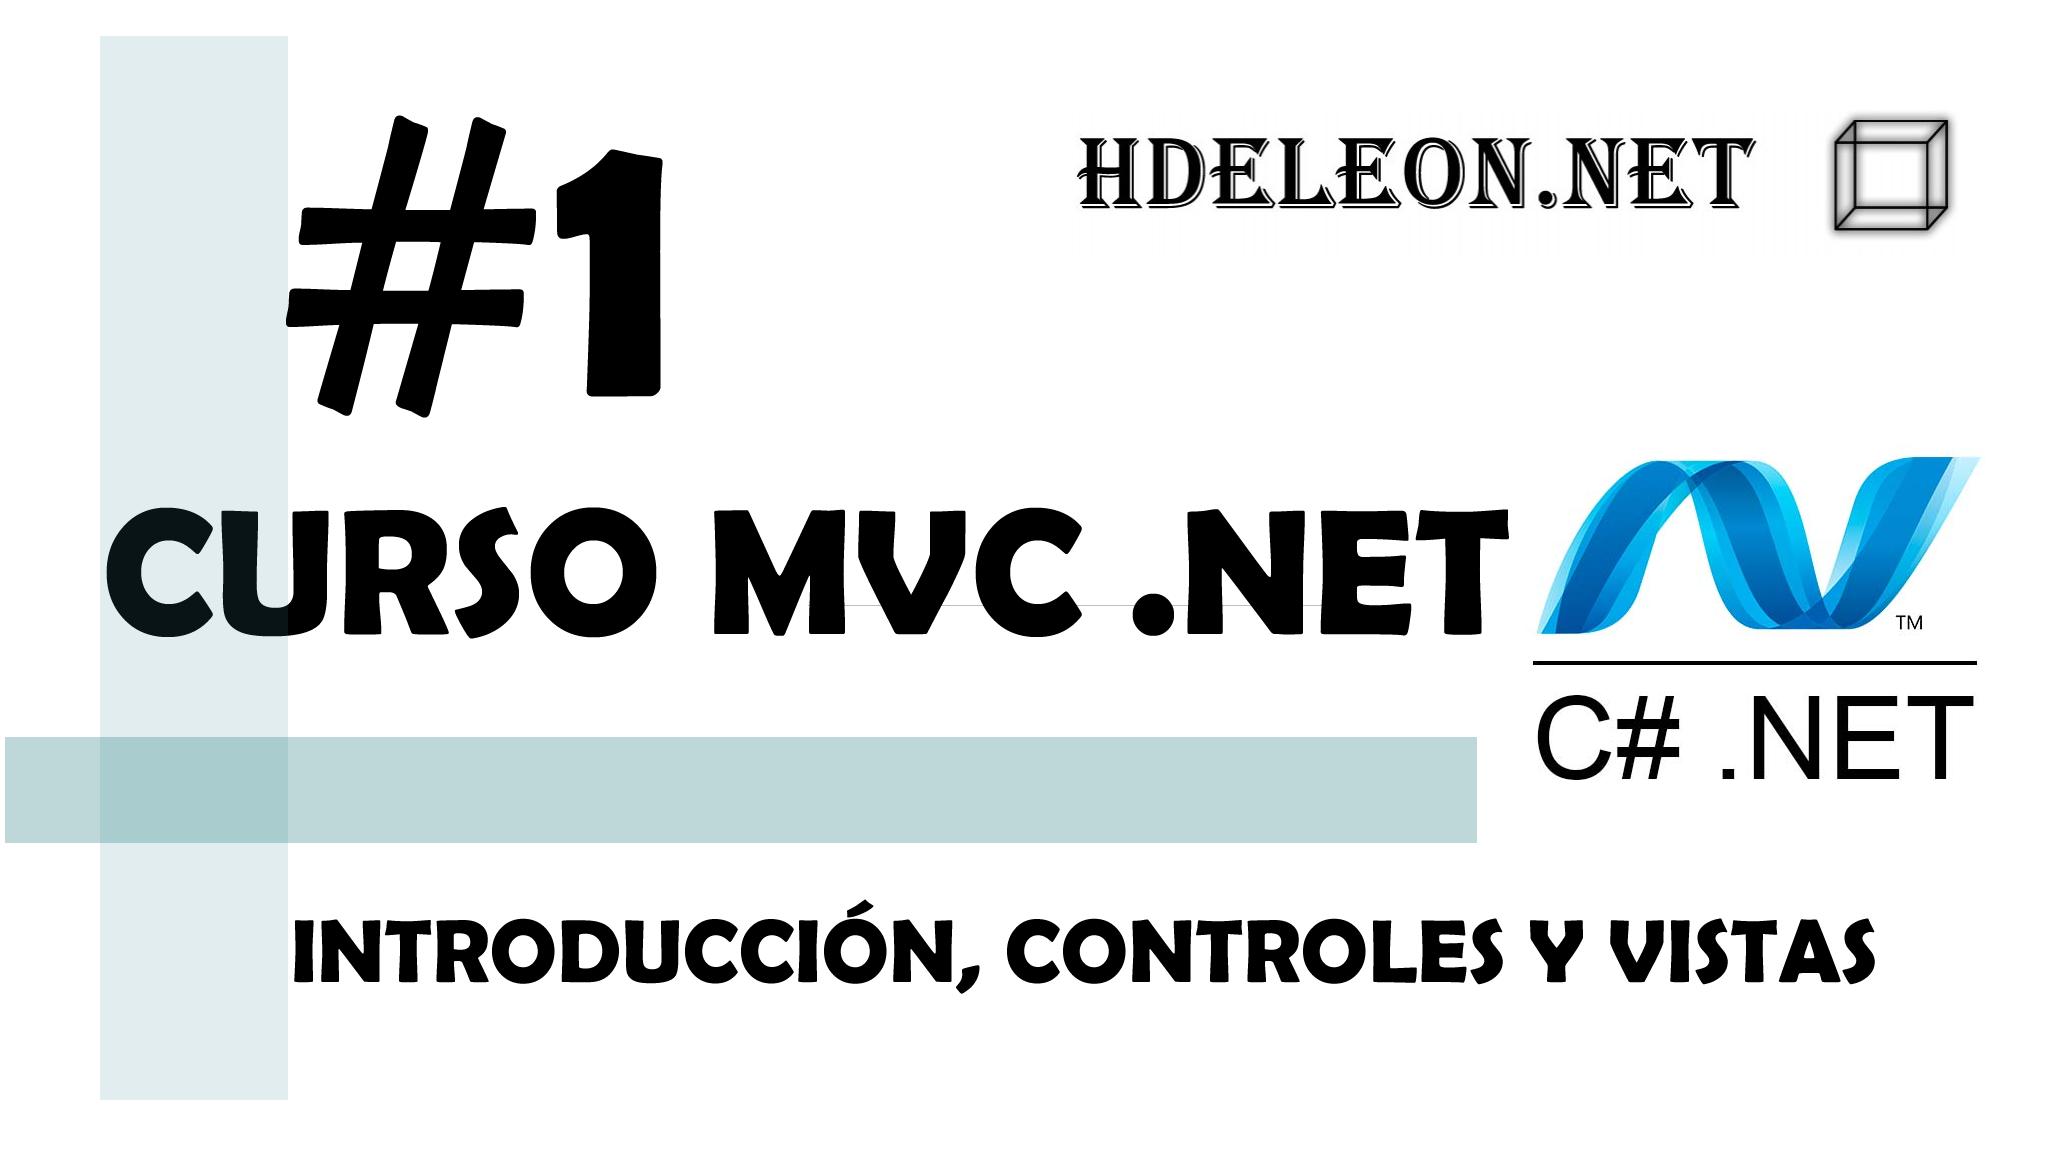 Curso de MVC .Net C# Introducción, controladores y vistas #1